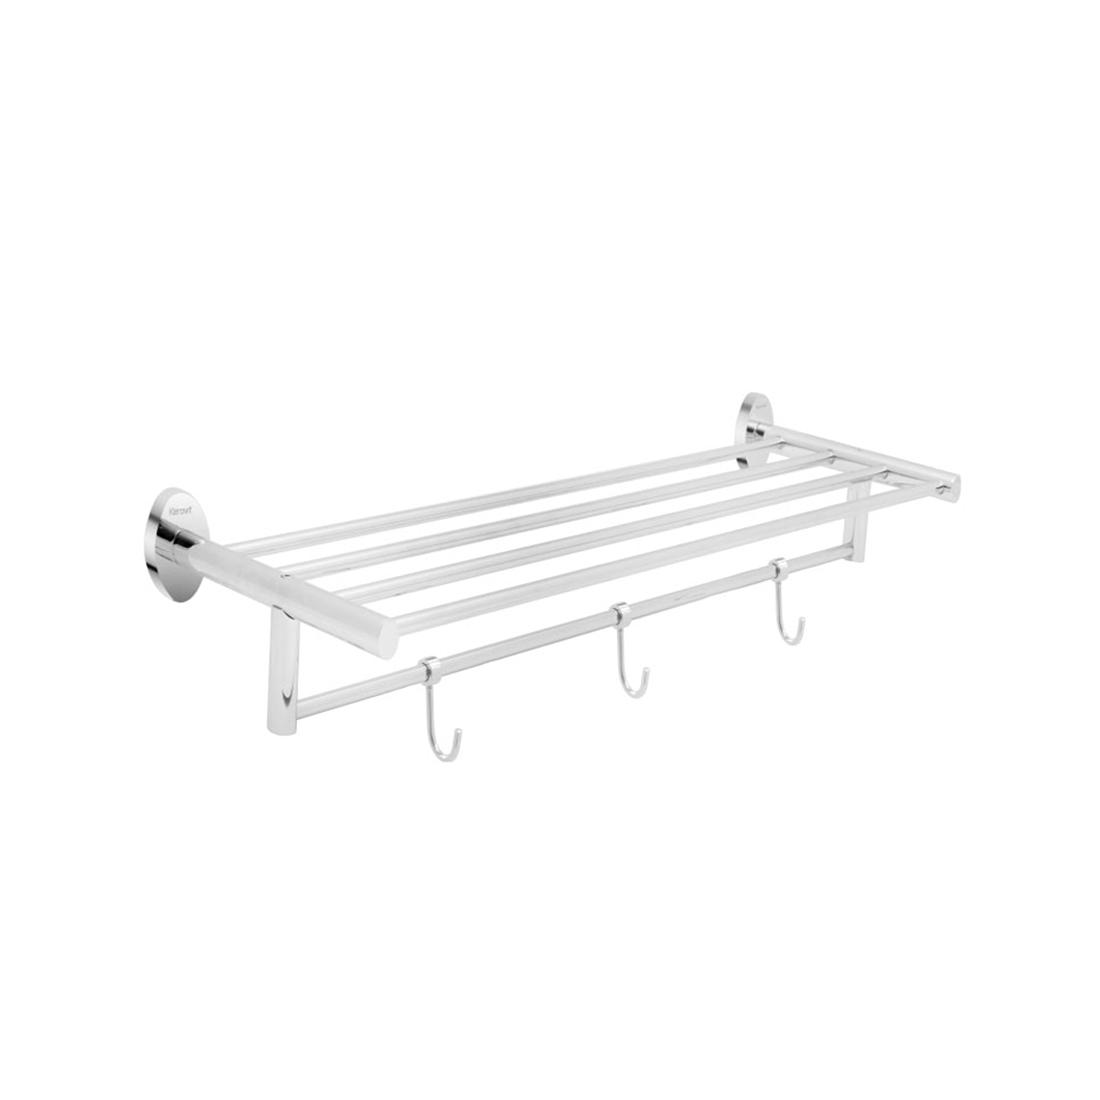 Kerovit KA980011 Oval Range Towel Rack With Three Hooks